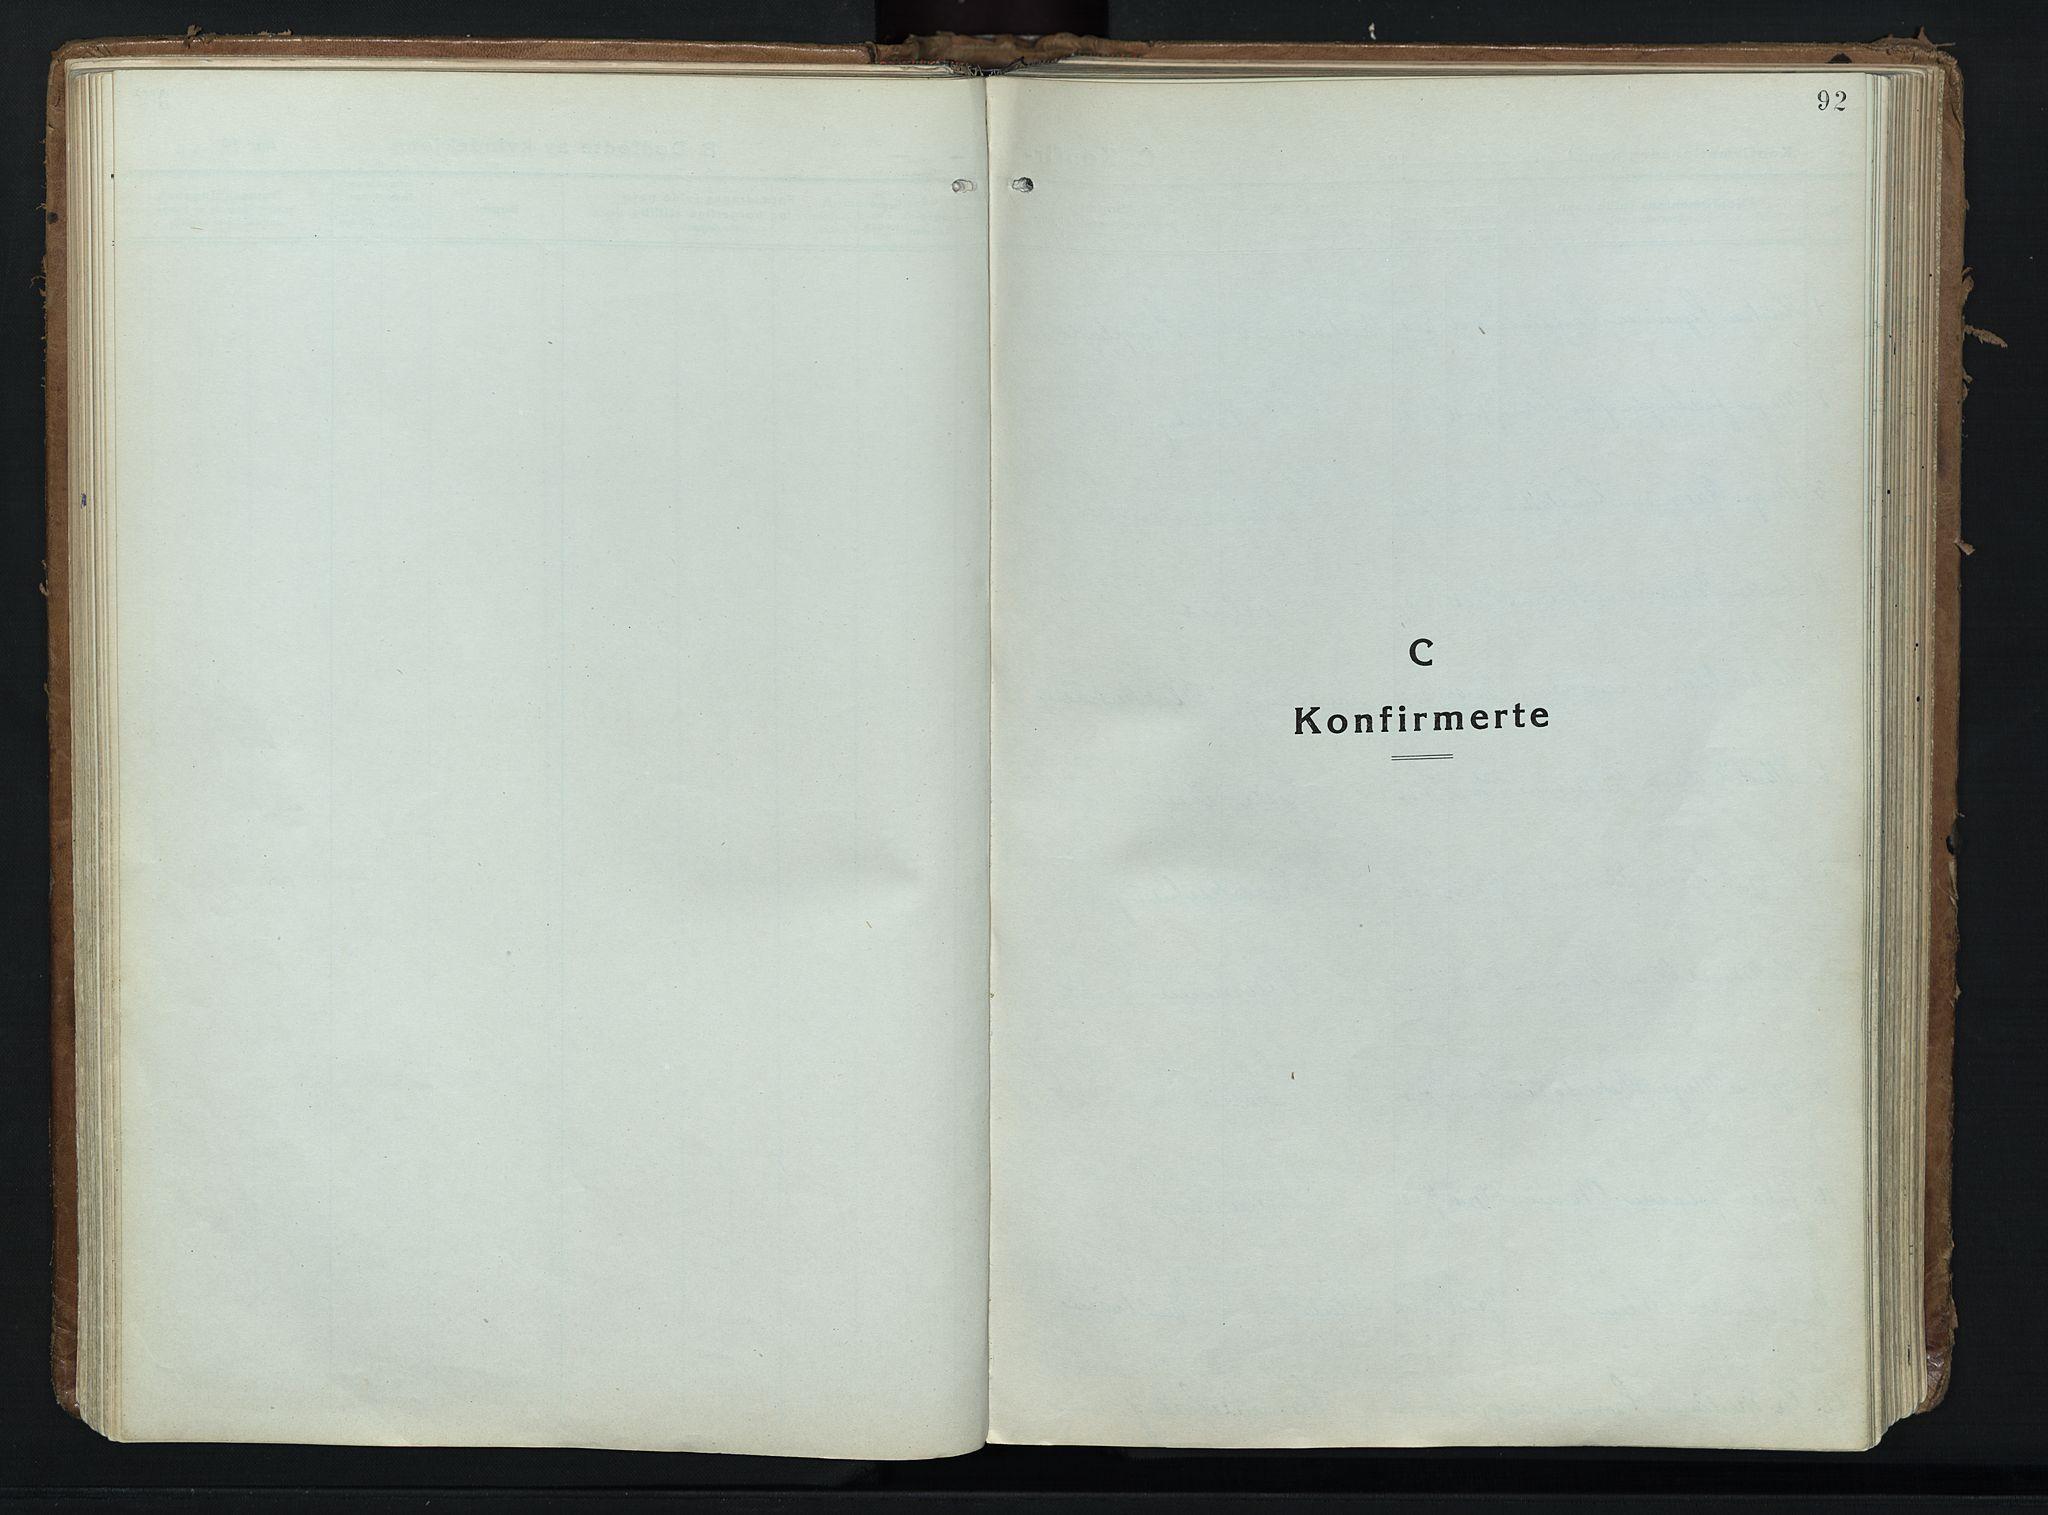 SAH, Alvdal prestekontor, Ministerialbok nr. 6, 1920-1937, s. 92